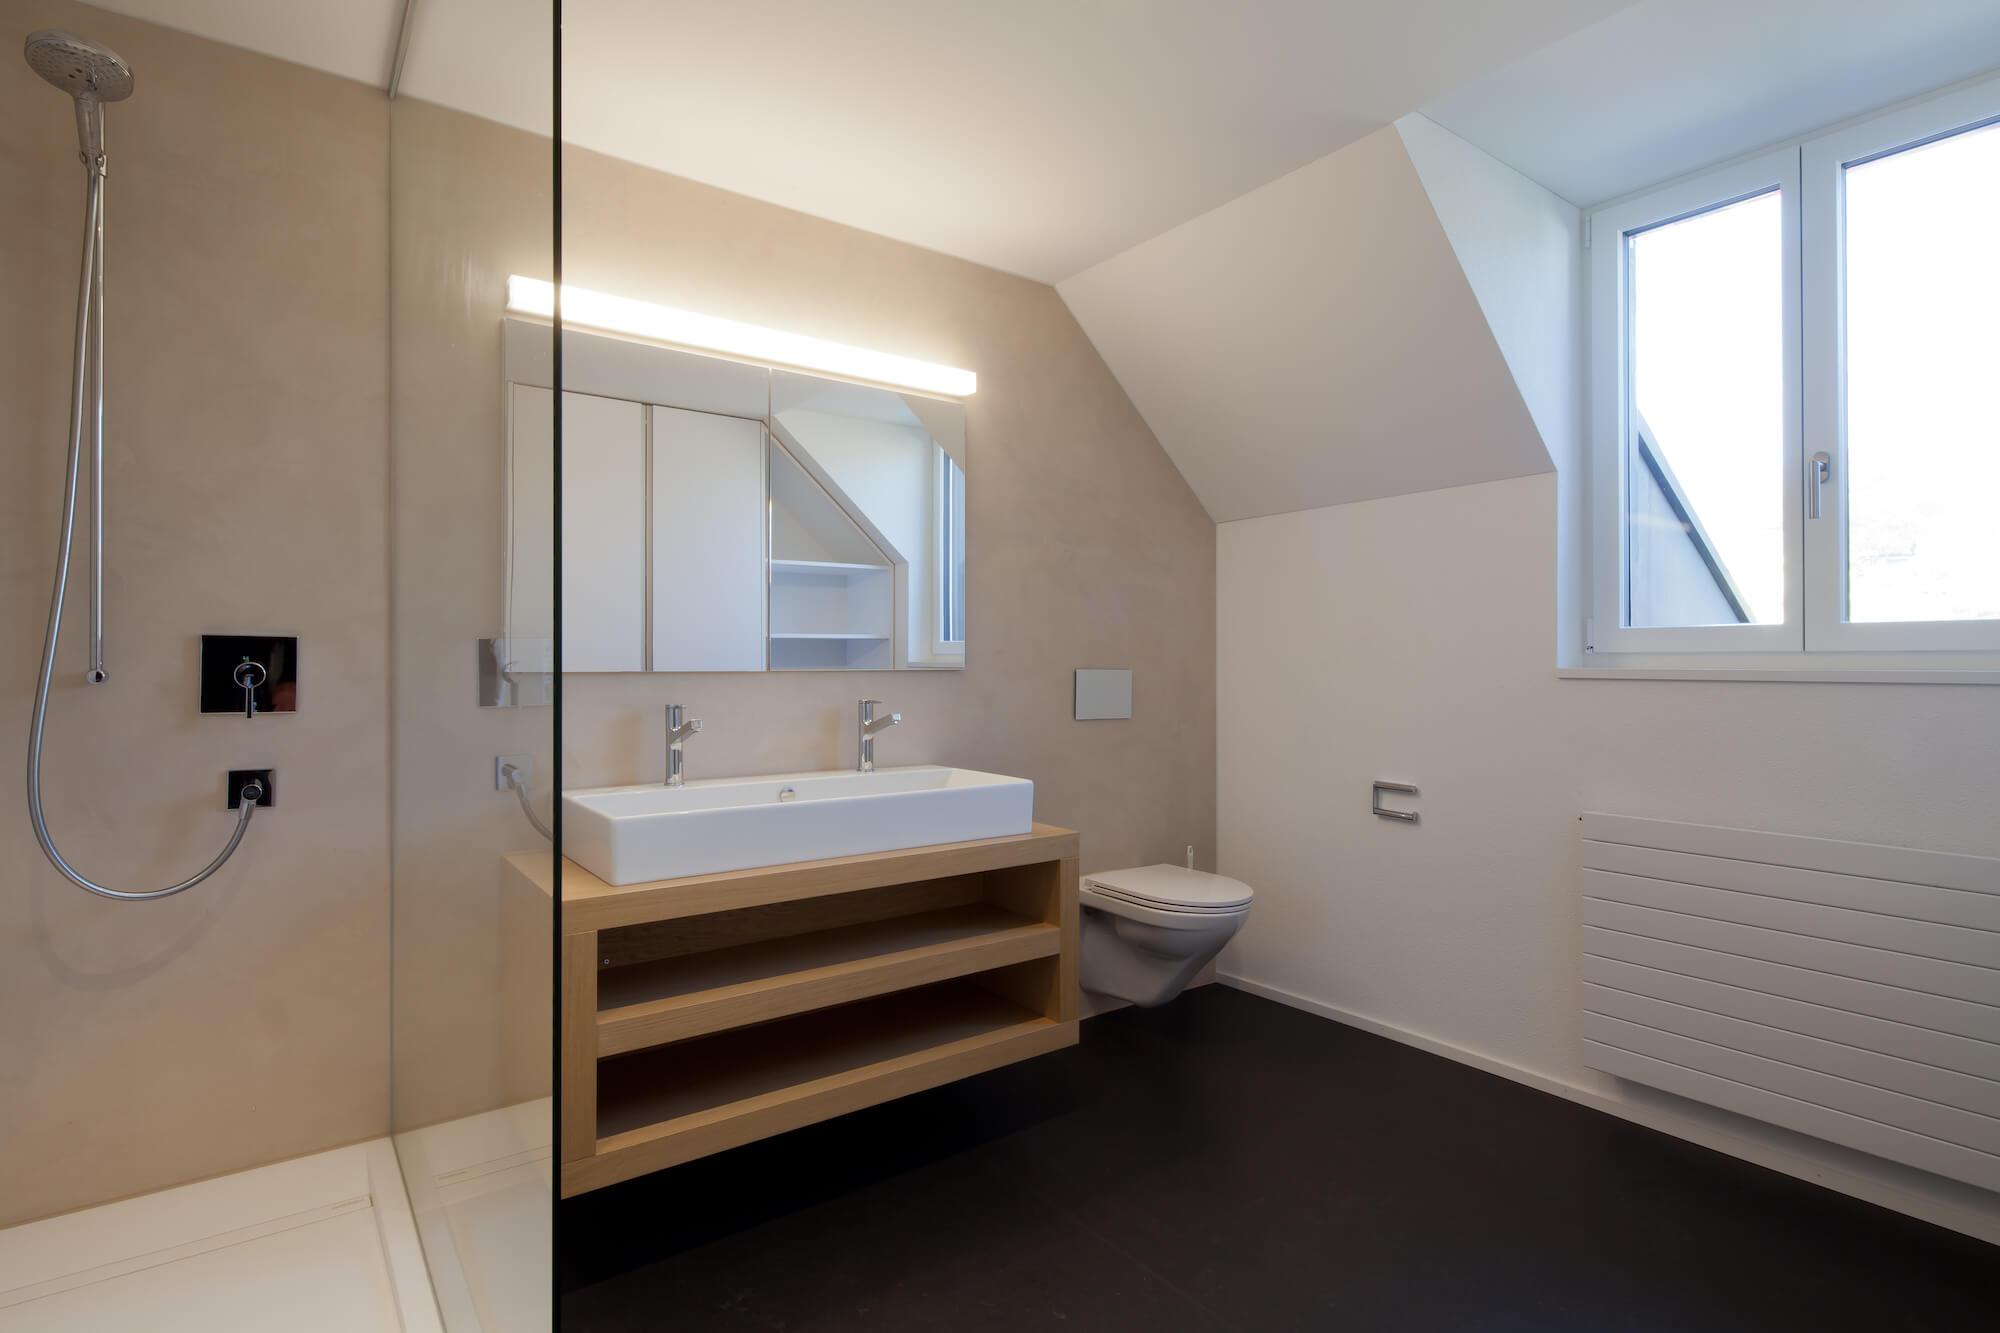 Bad mit fugenloser Wandbeschichtung durch die Viktor Wyss AG in Flumenthal, Solothurn